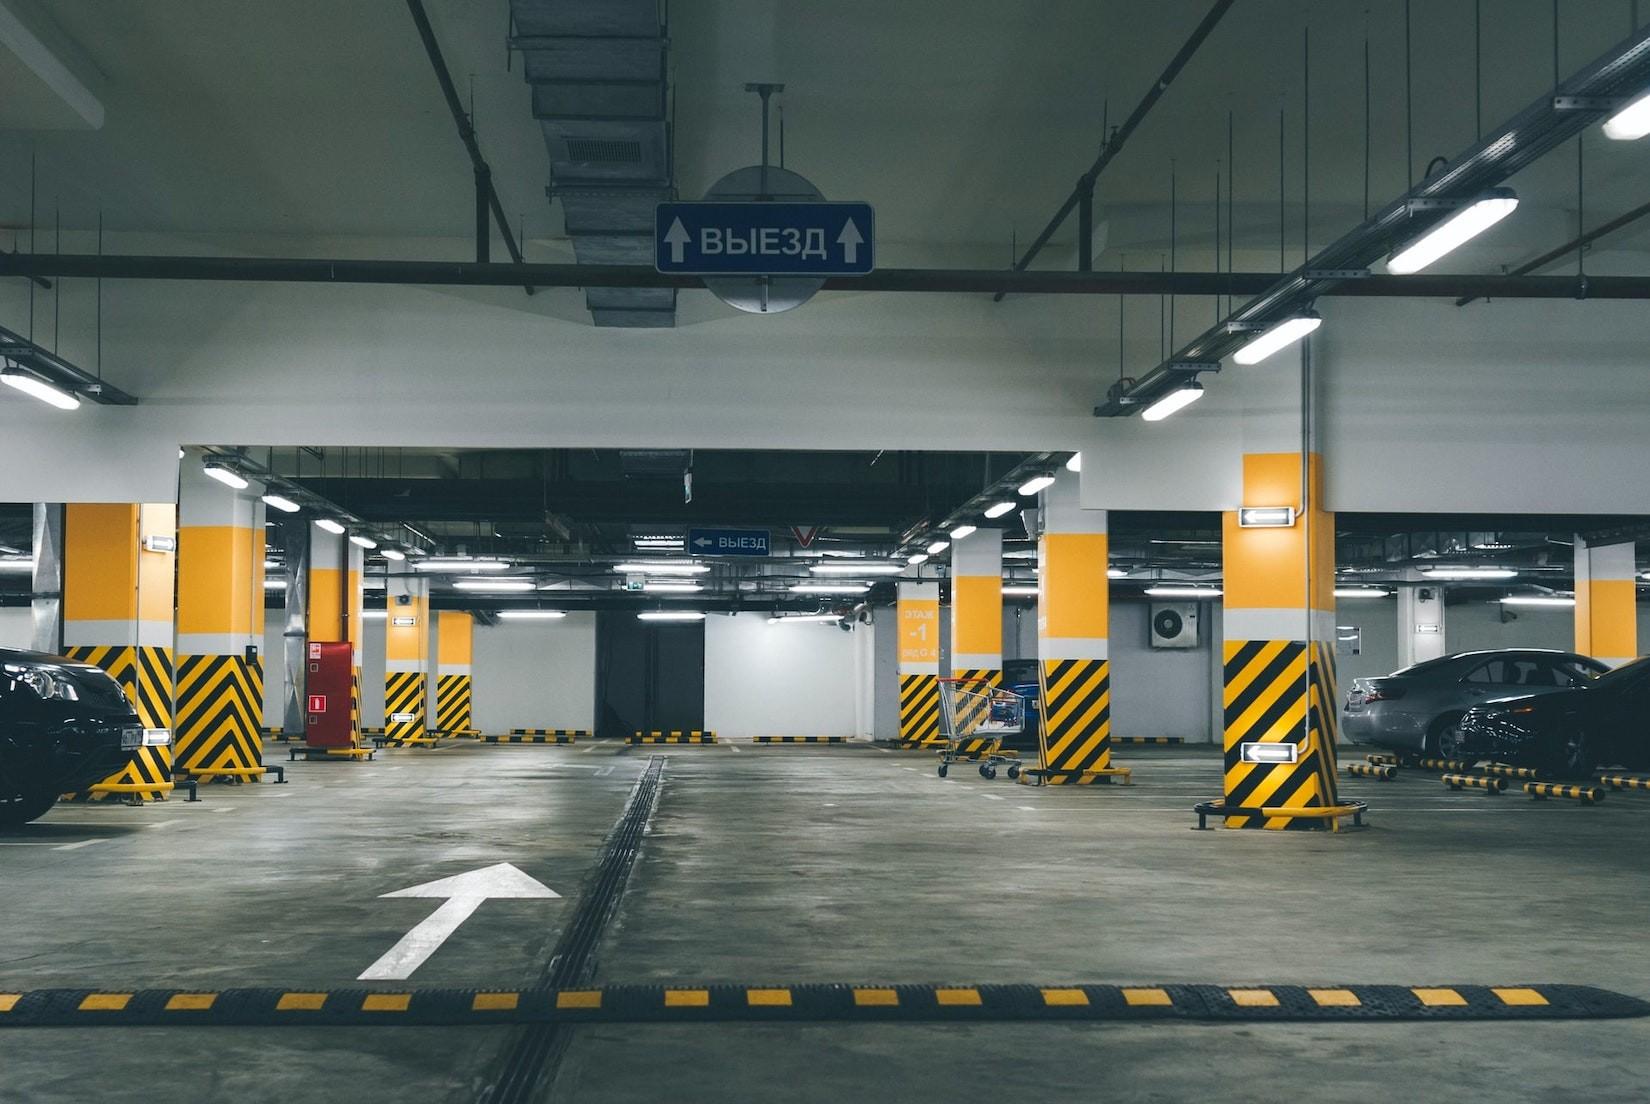 Parkplatz: Beide fahren rückwärts aus der Parklücke – Kollision! Wer zahlt?